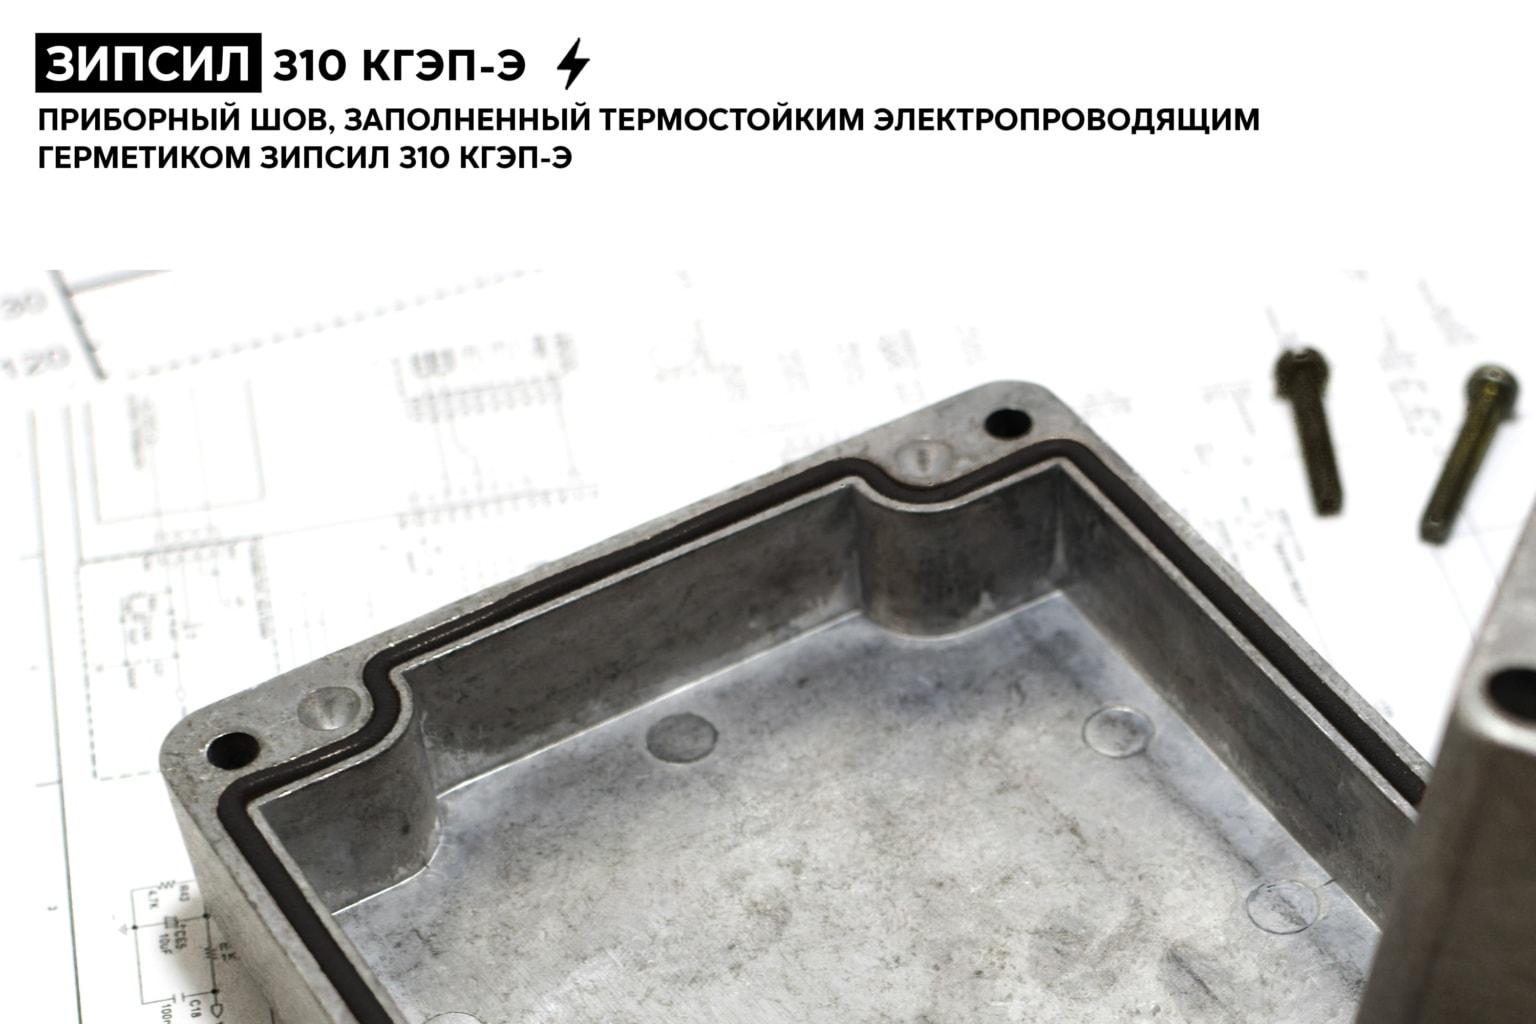 Корпус устройства заполненный токопроводящим клей-герметиком ЗИПСИЛ 310 КГЭП-Э для герметизации стыка и обеспечения ЭМС.